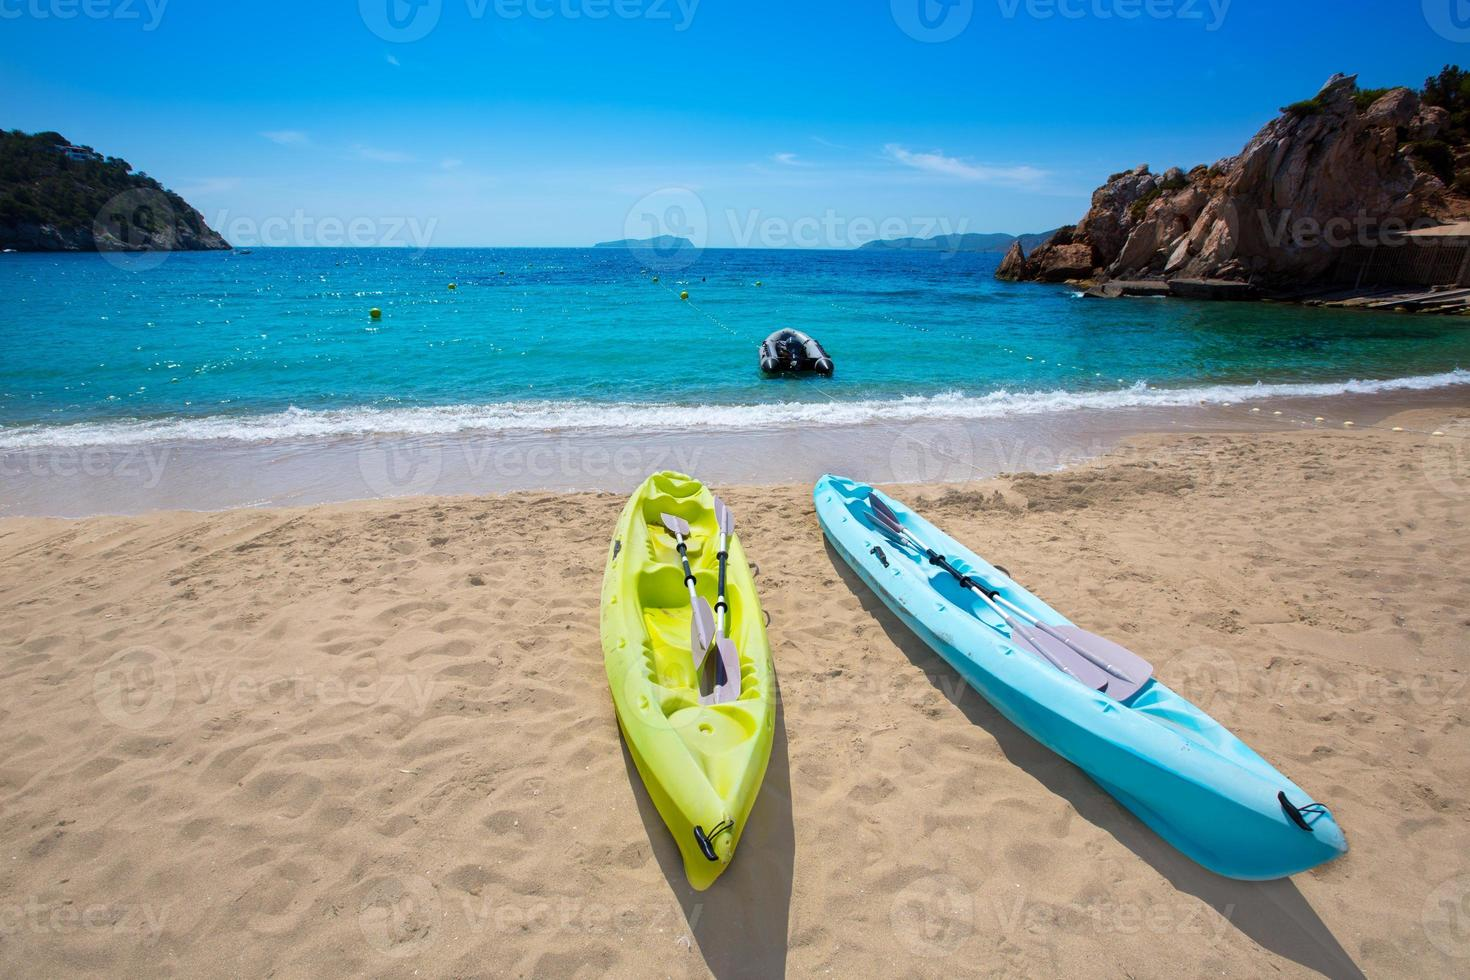 ibiza cala sant praia vicent com caiaques san juan foto